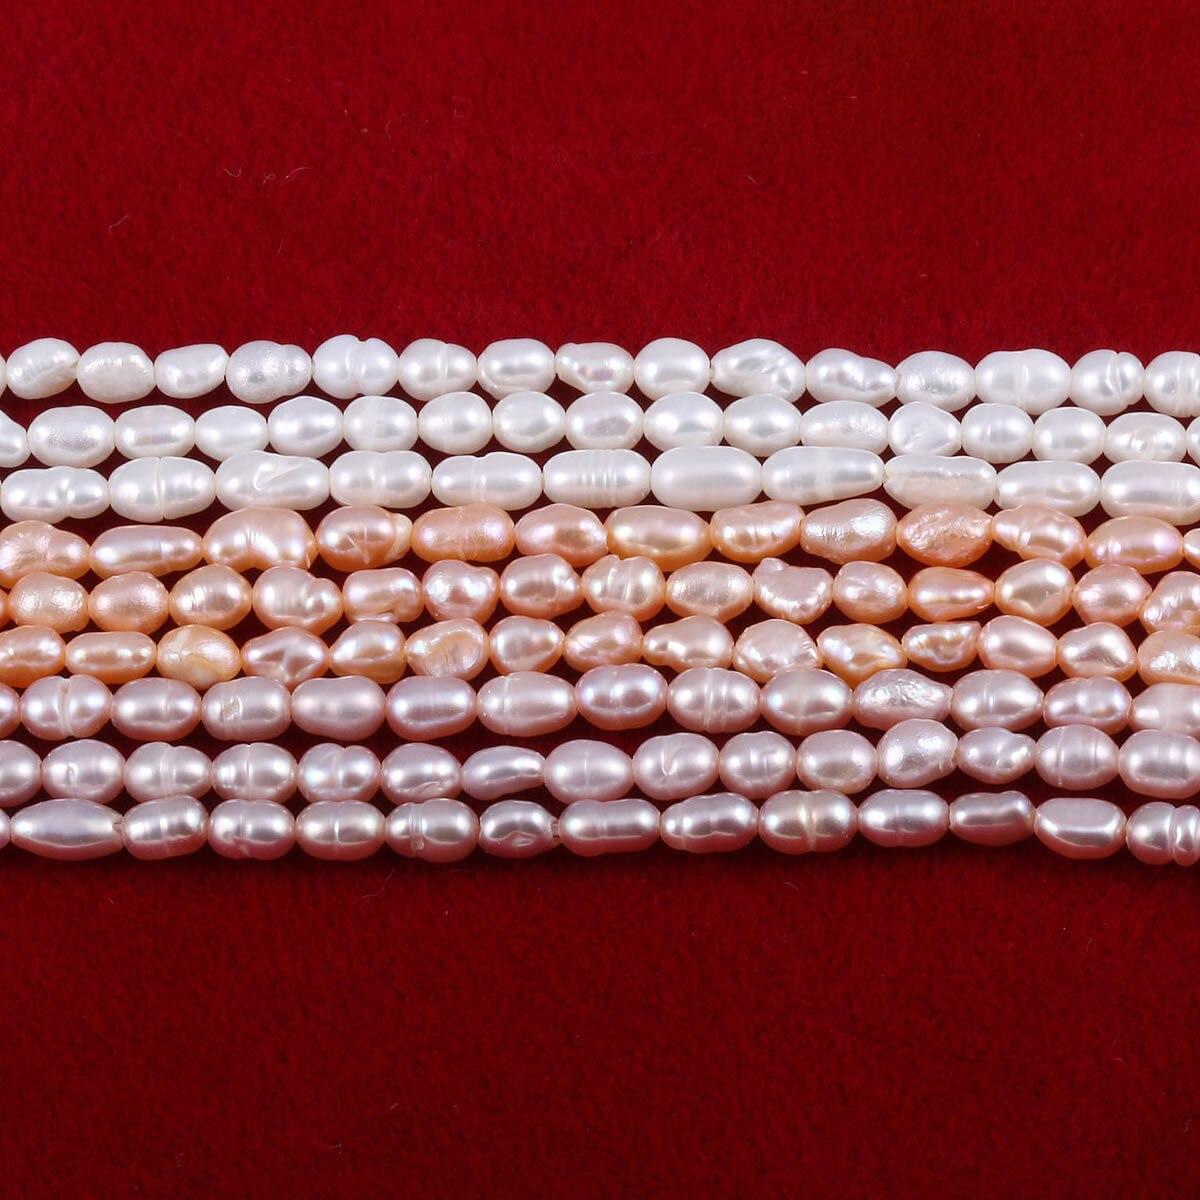 Бусы из натурального пресноводного жемчуга, маленький размер, высокое качество, 36 см., бусины для рукоделия, для женщин, ожерелье, браслет, изготовление ювелирных изделий